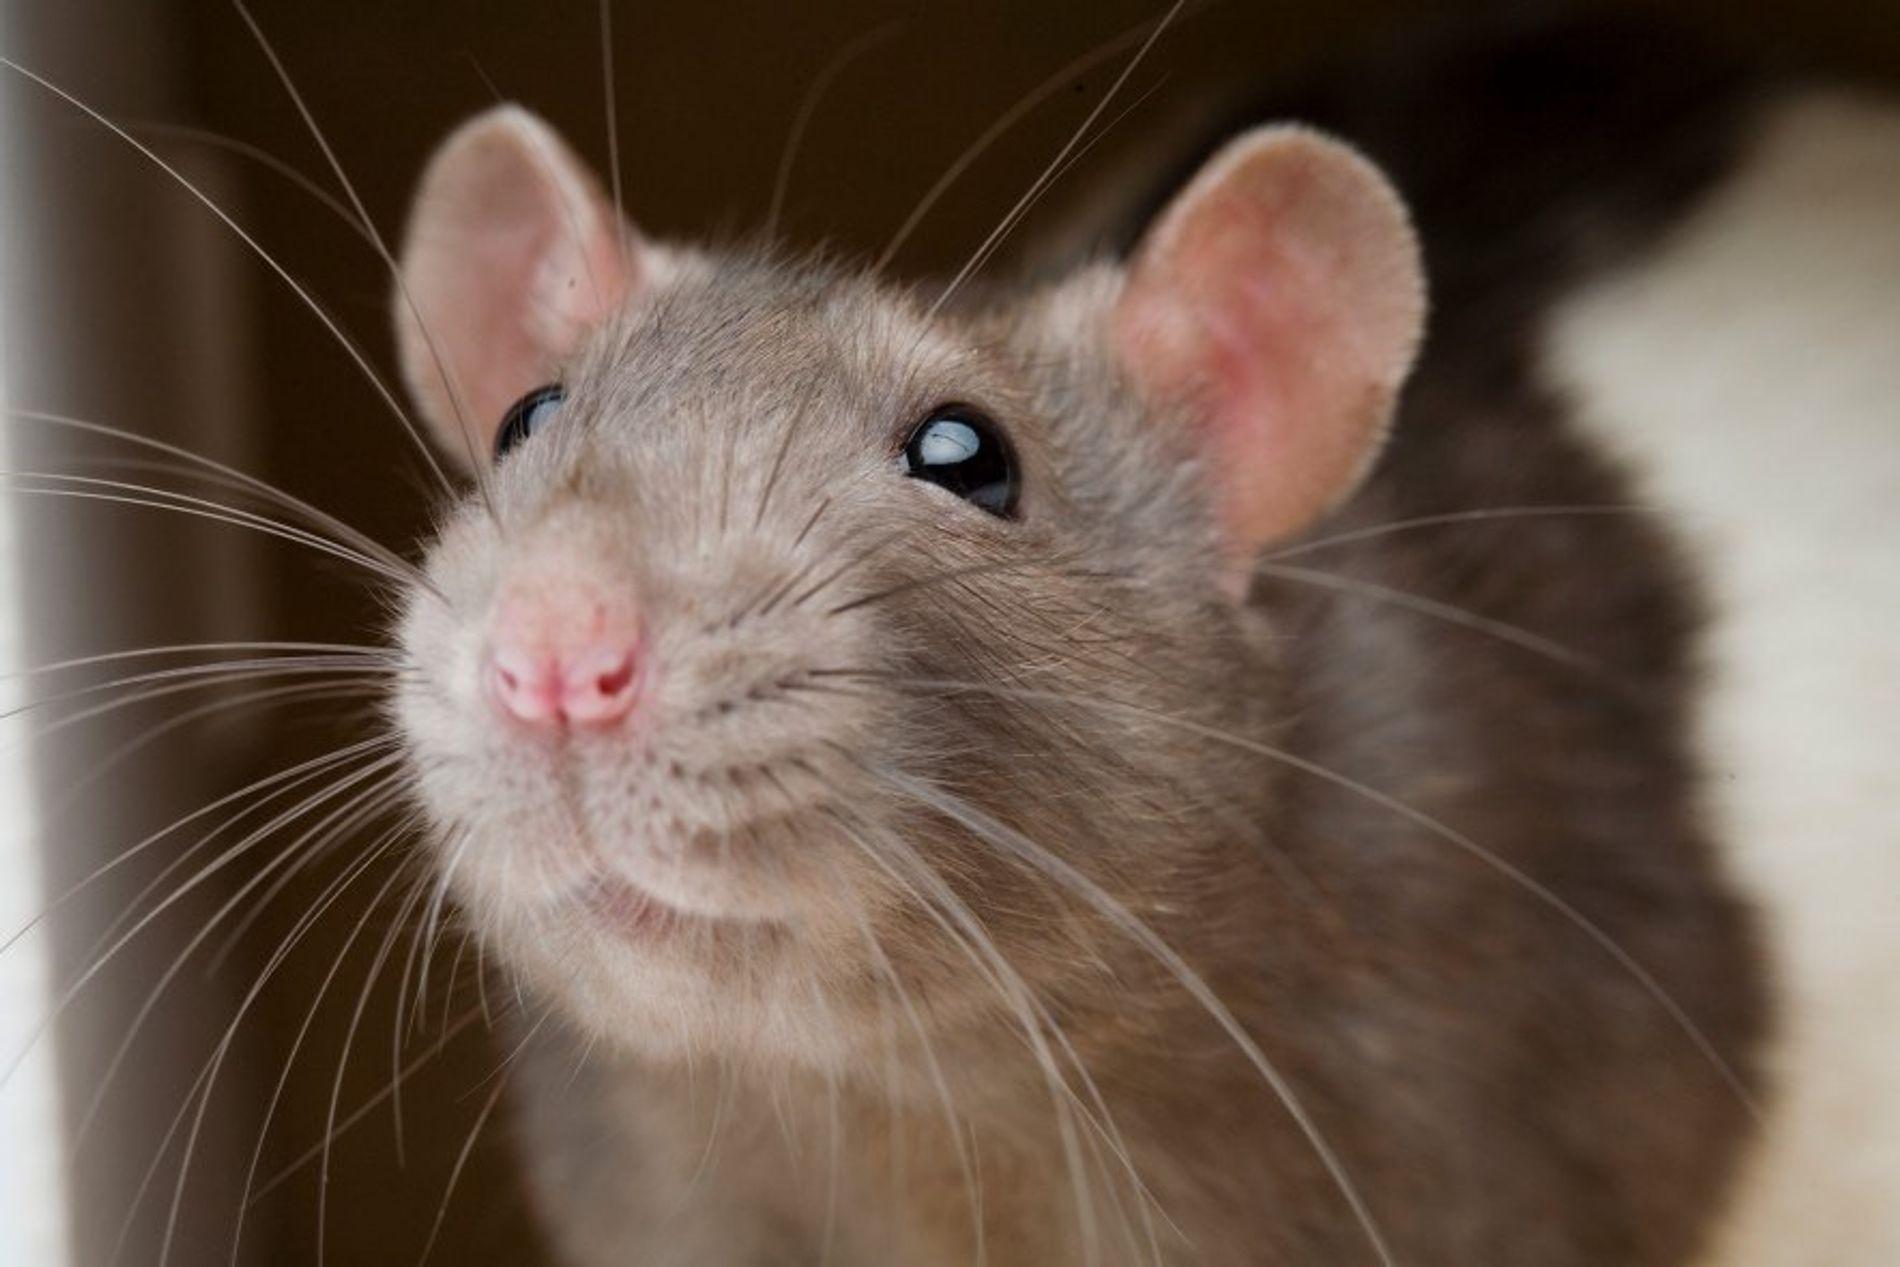 Ratas y humanos comparten la misma parte del cerebro que regula la aversión a hacer daño, ...